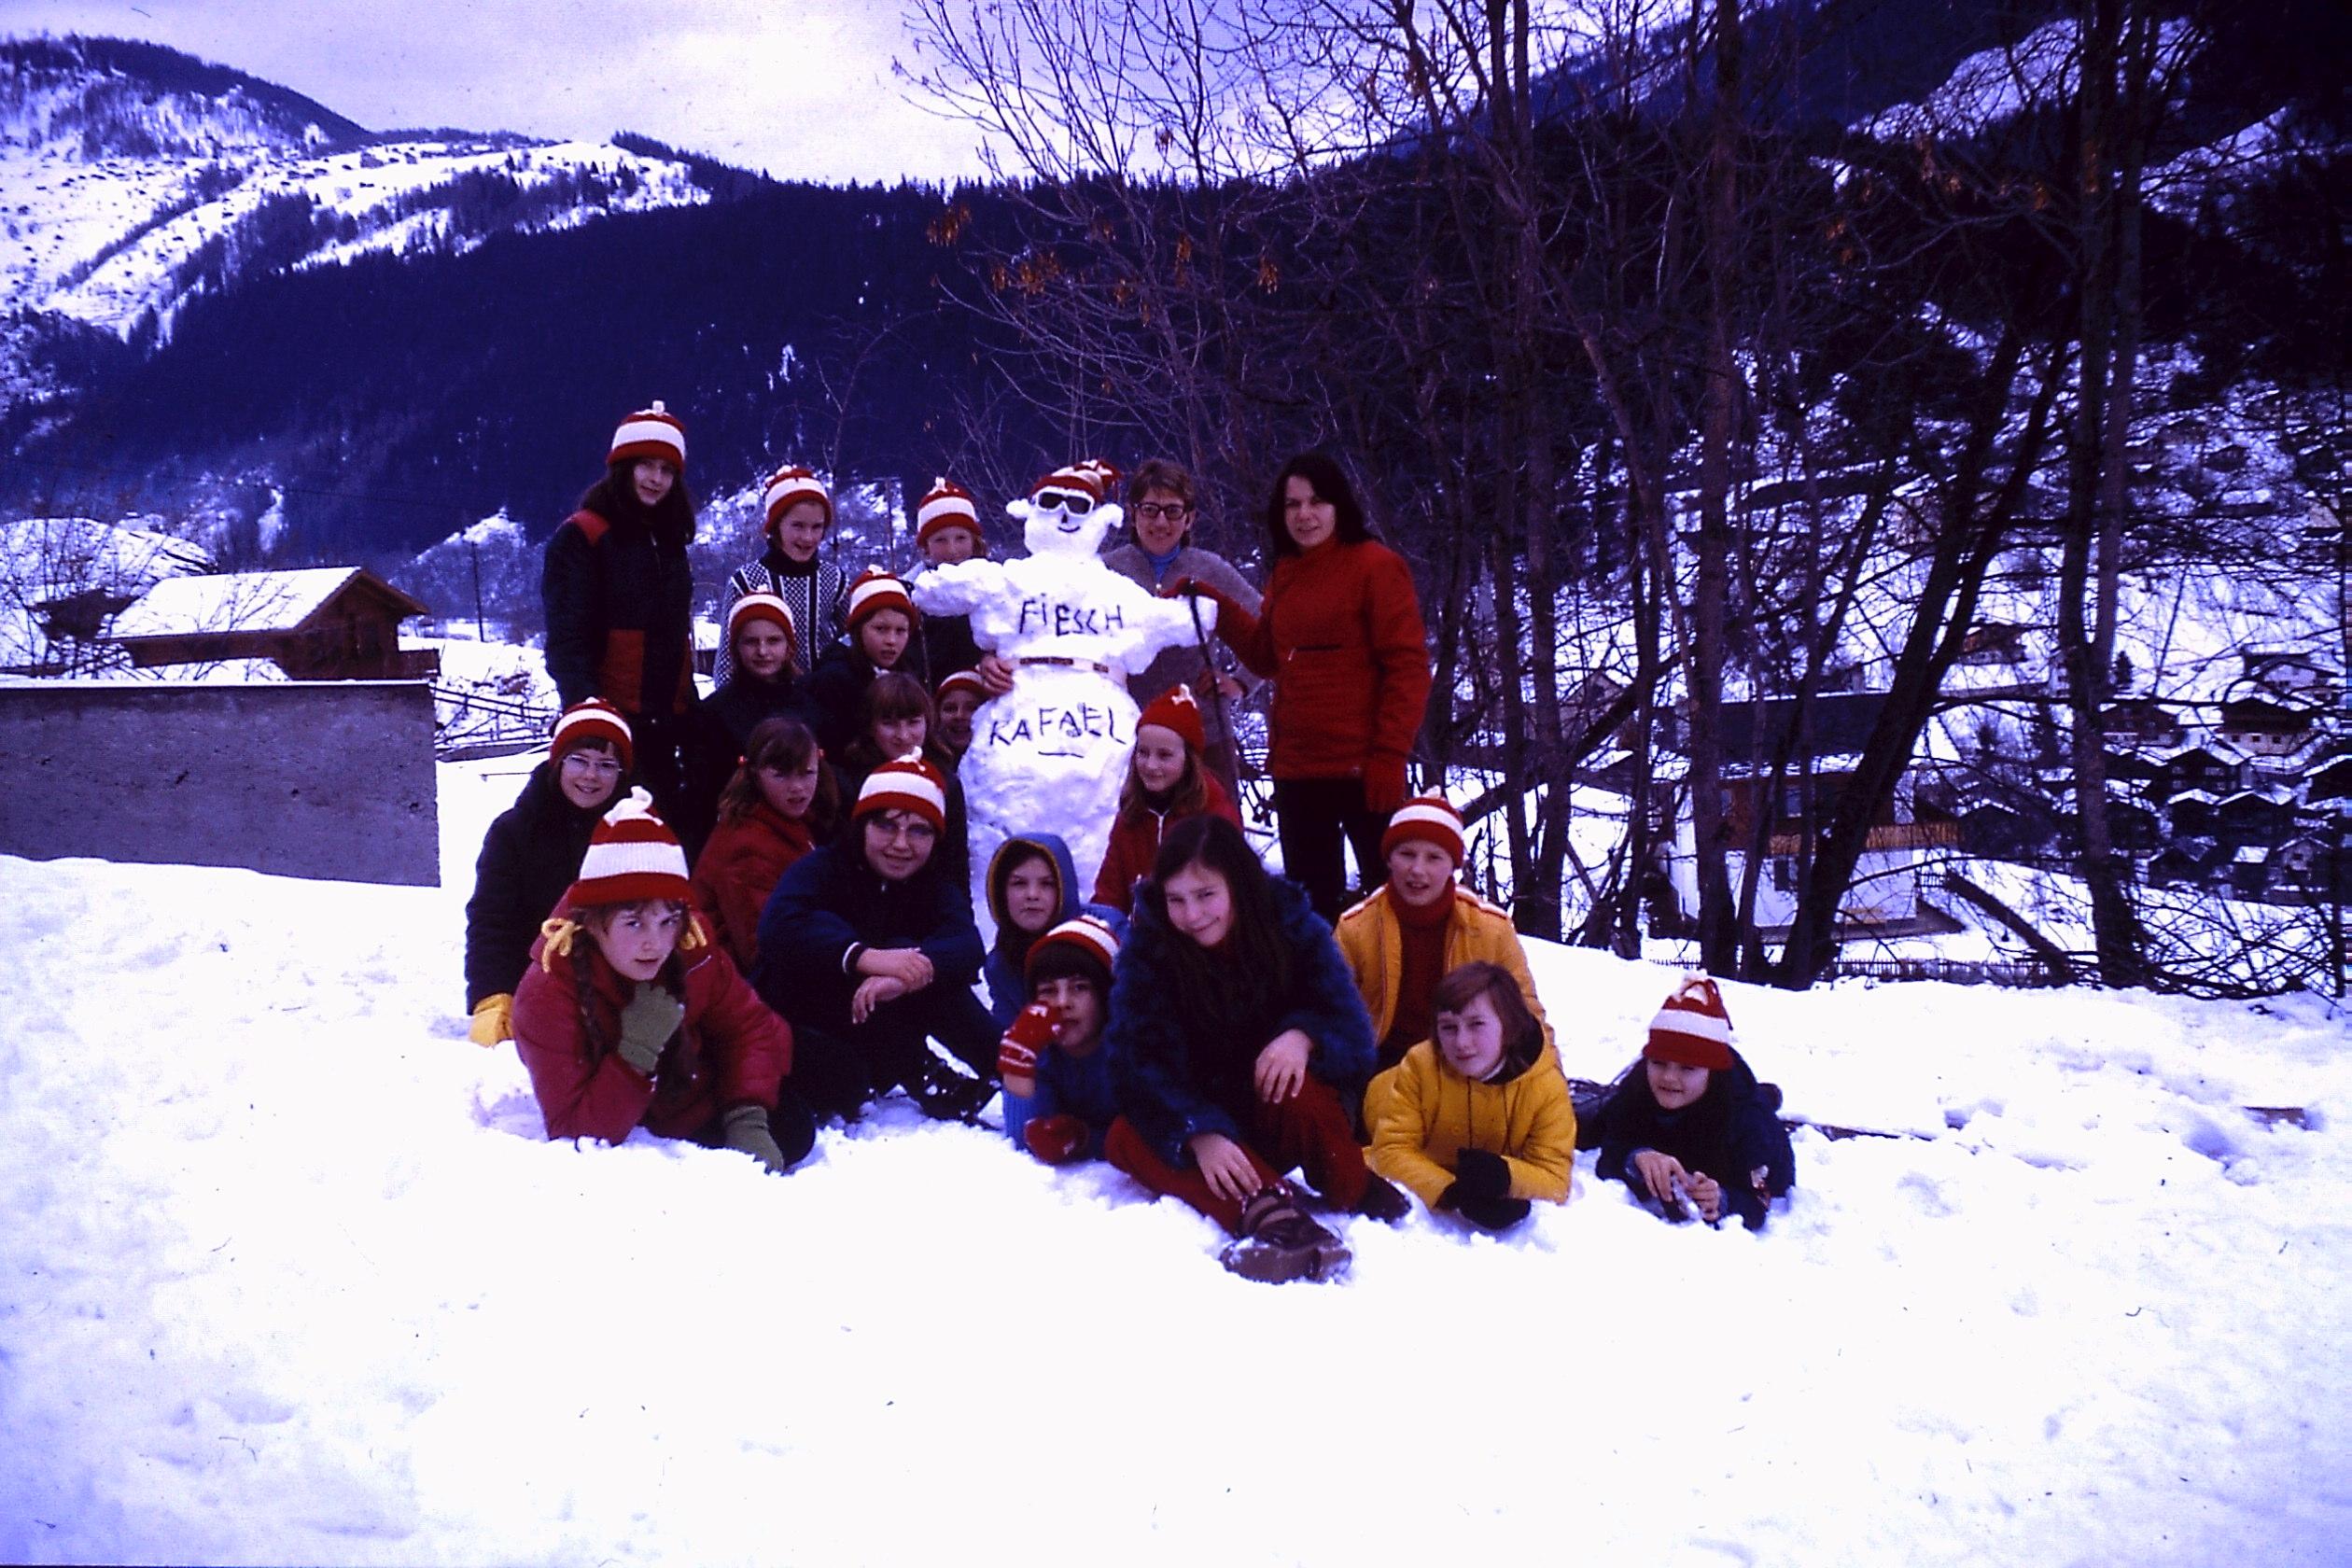 Fiesch meisjesklas 1973-1974